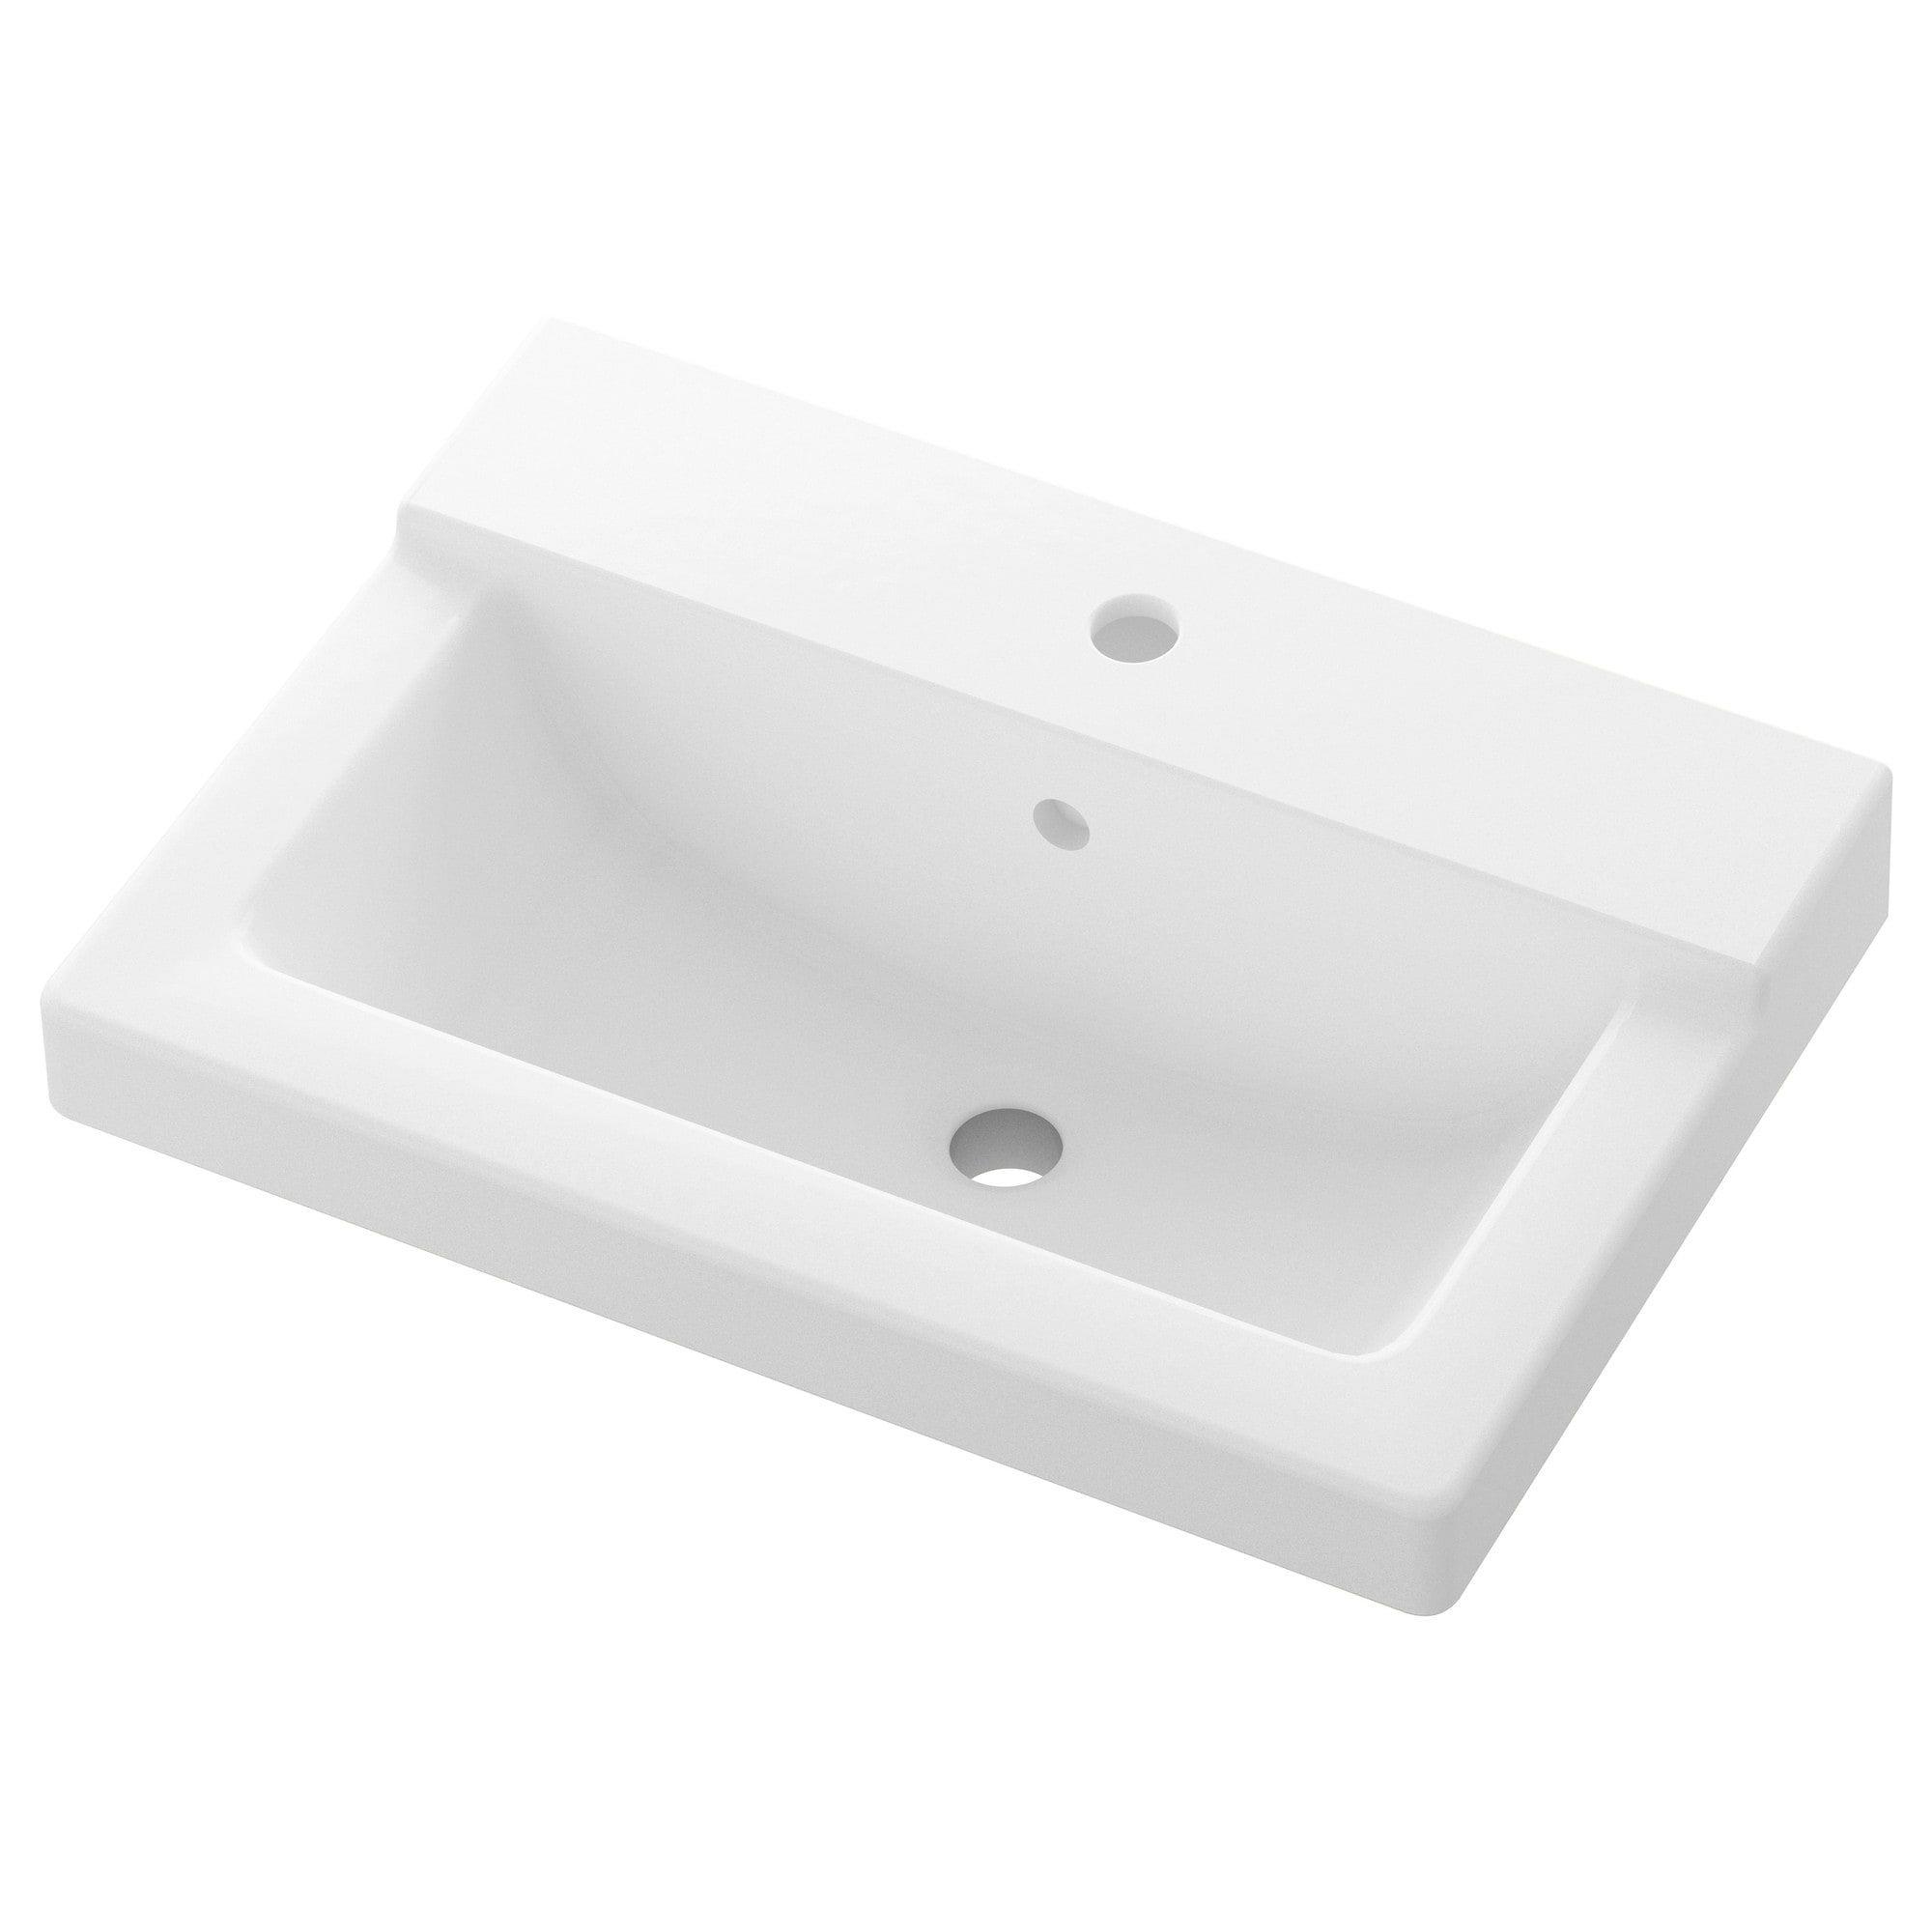 TÄLLEVIKEN Waschbecken/1 IKEA Österreich Ikea